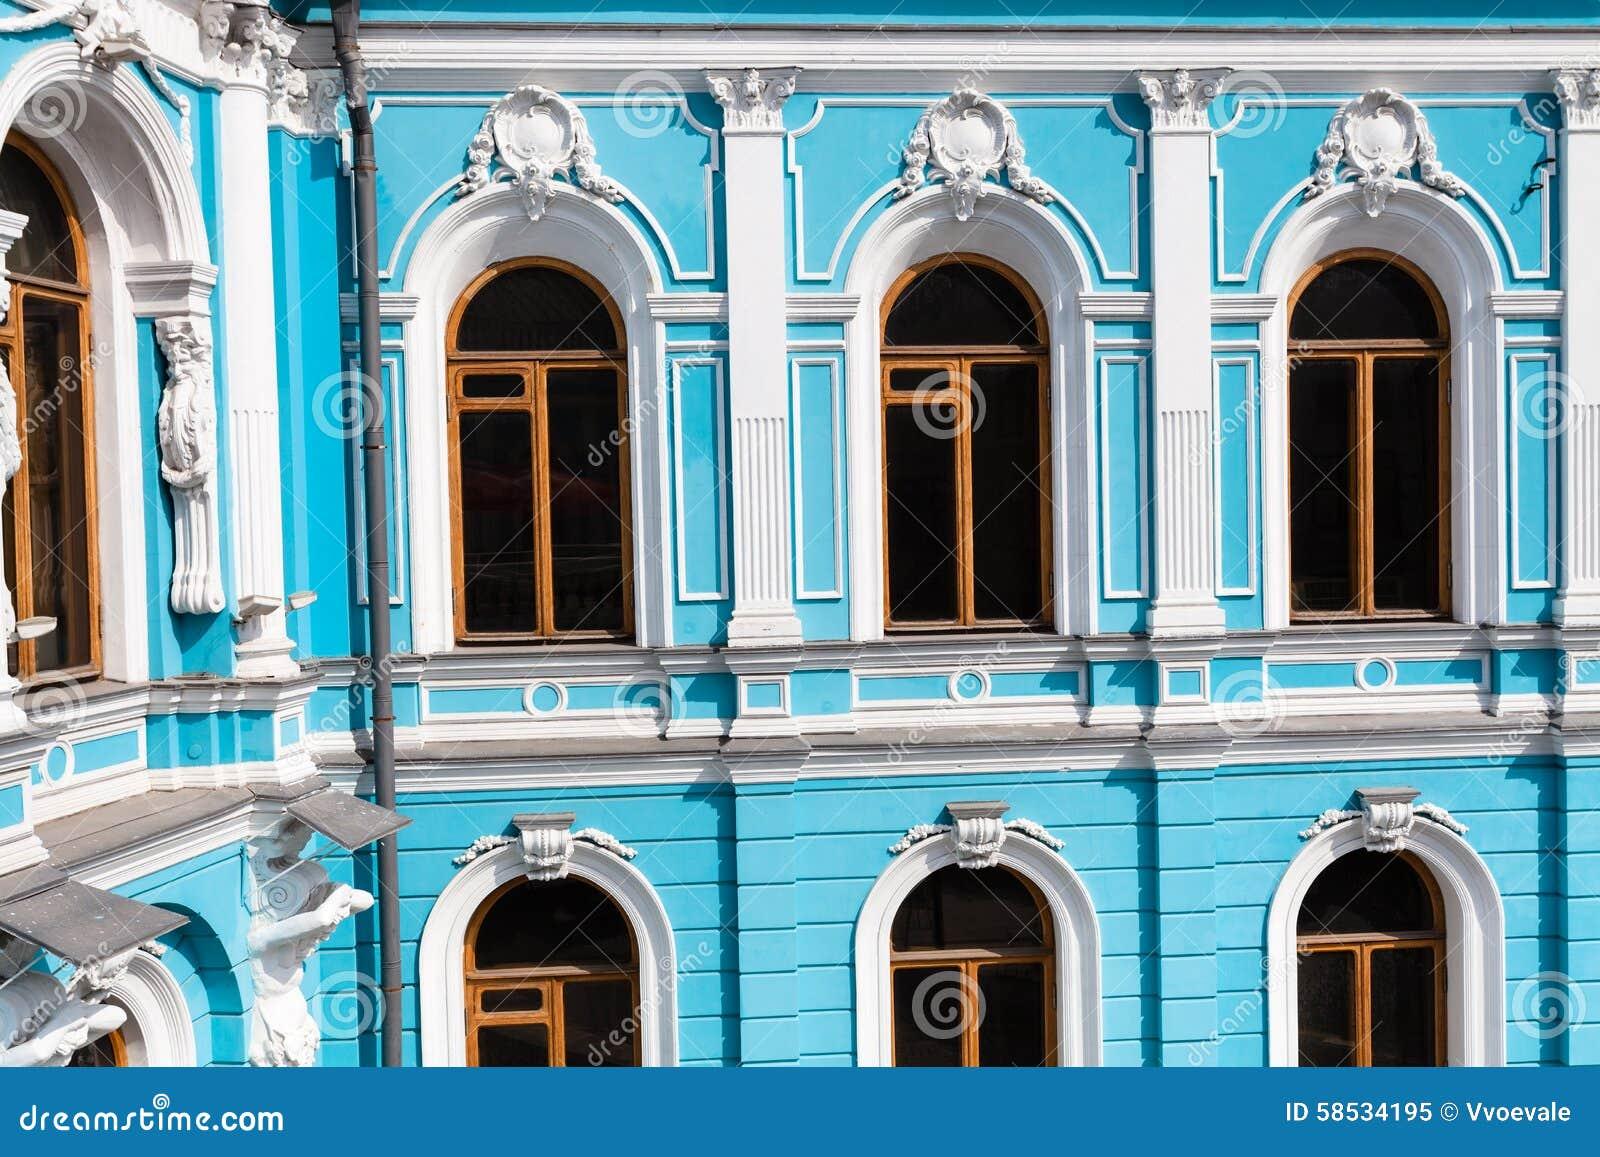 manoir dans le style du baroque classique photo stock image 58534195. Black Bedroom Furniture Sets. Home Design Ideas